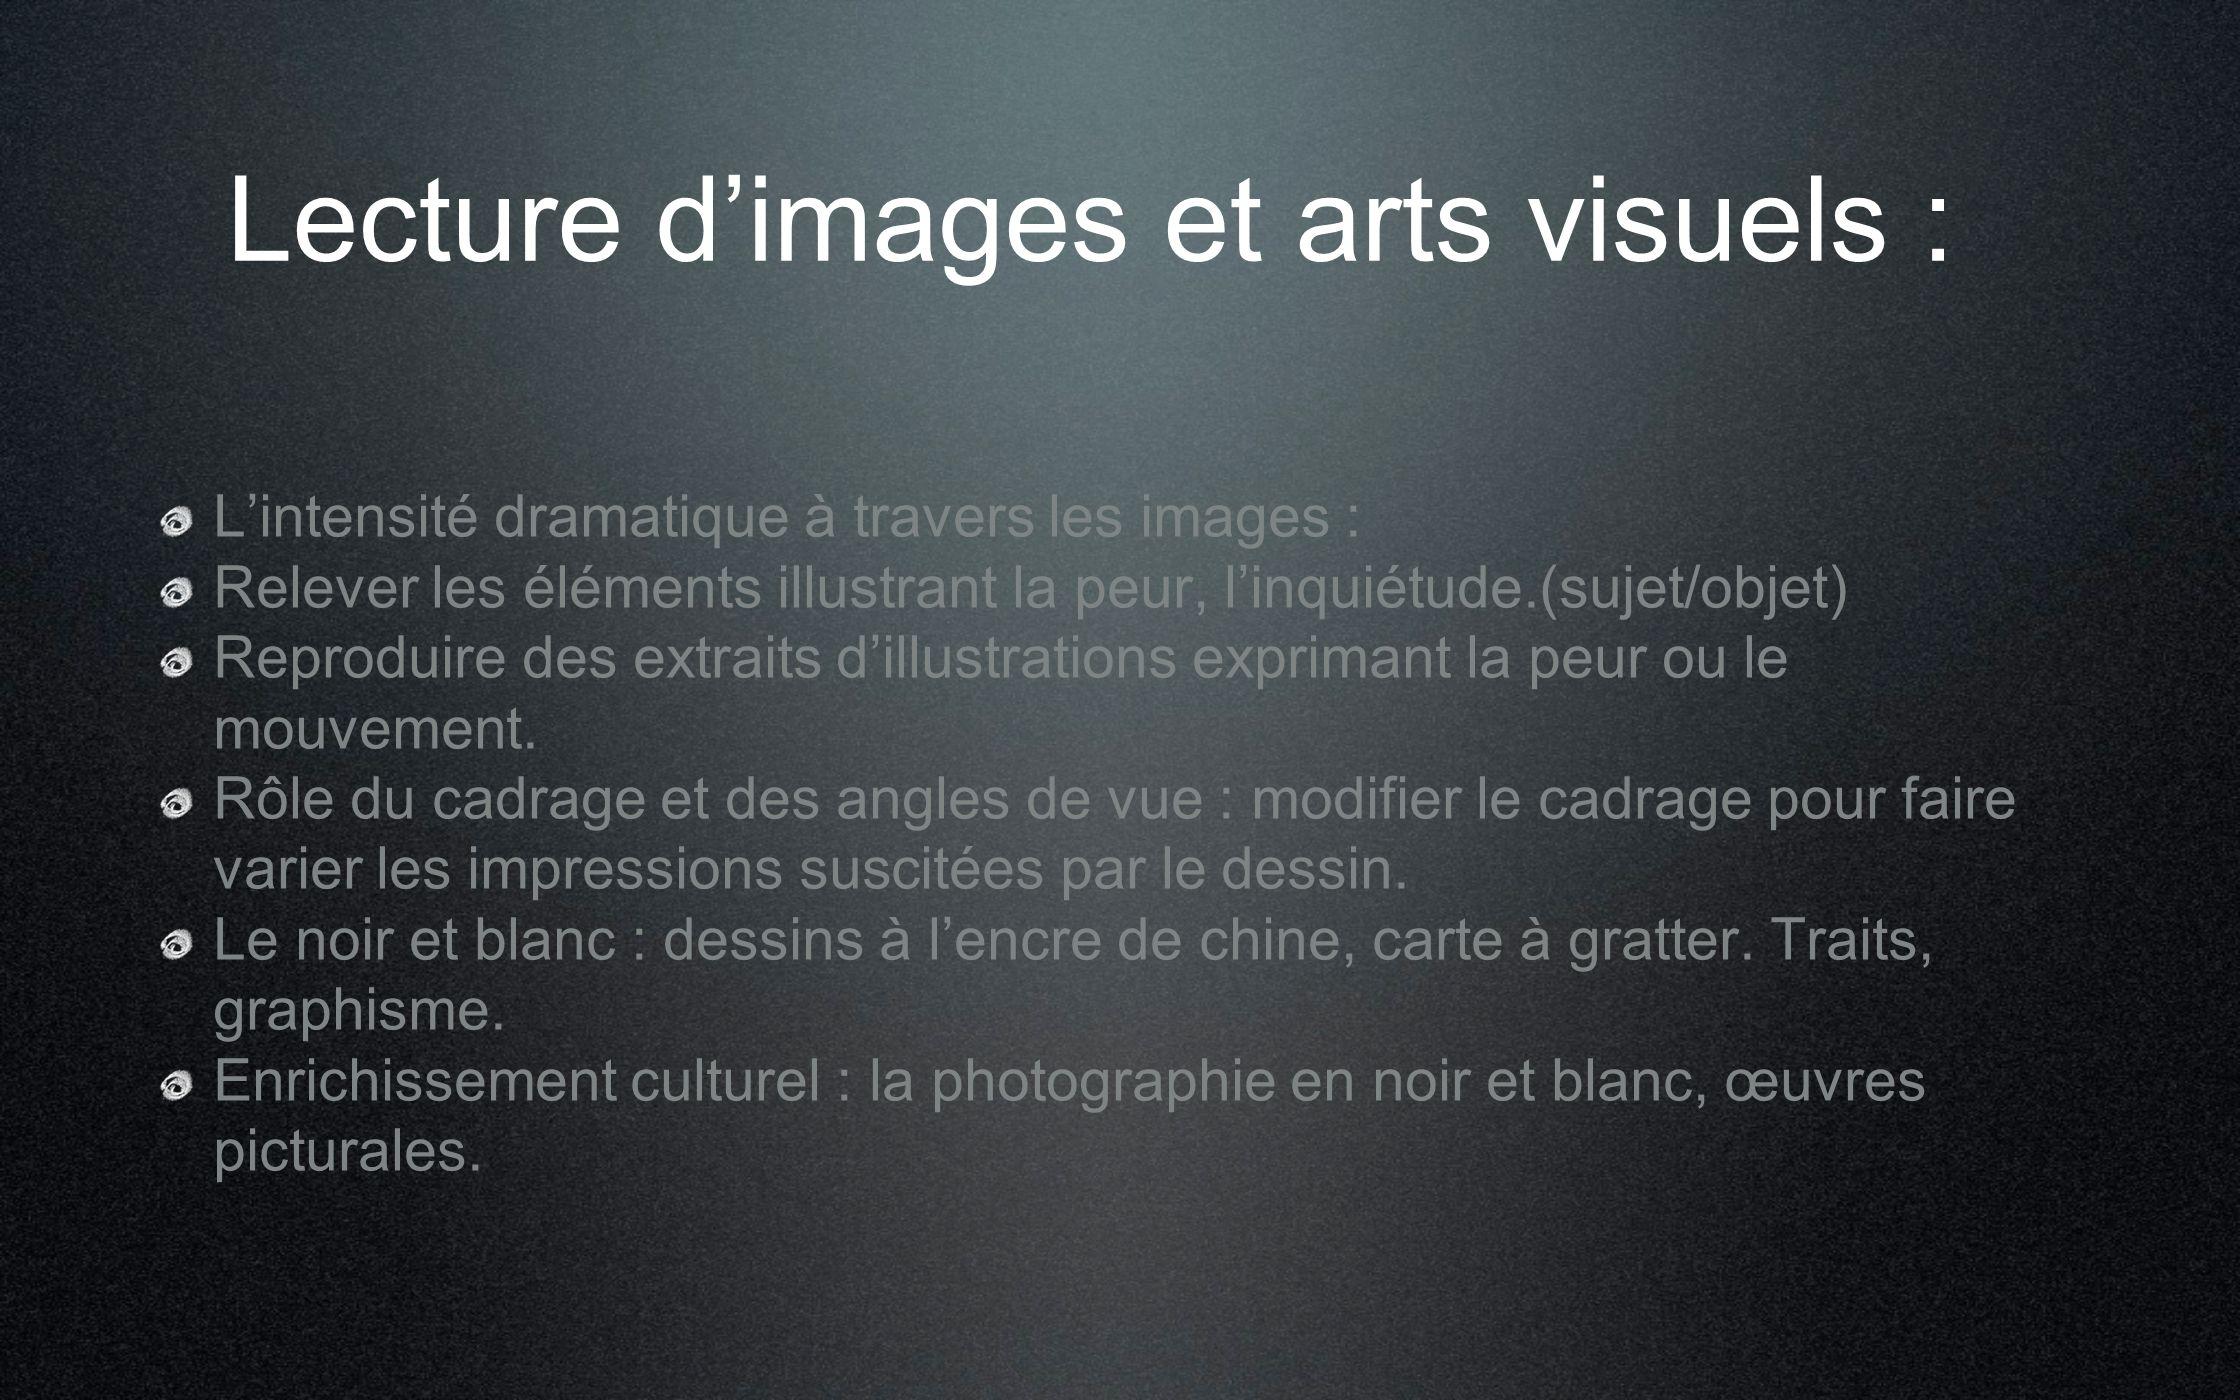 Lecture dimages et arts visuels : Lintensité dramatique à travers les images : Relever les éléments illustrant la peur, linquiétude.(sujet/objet) Repr